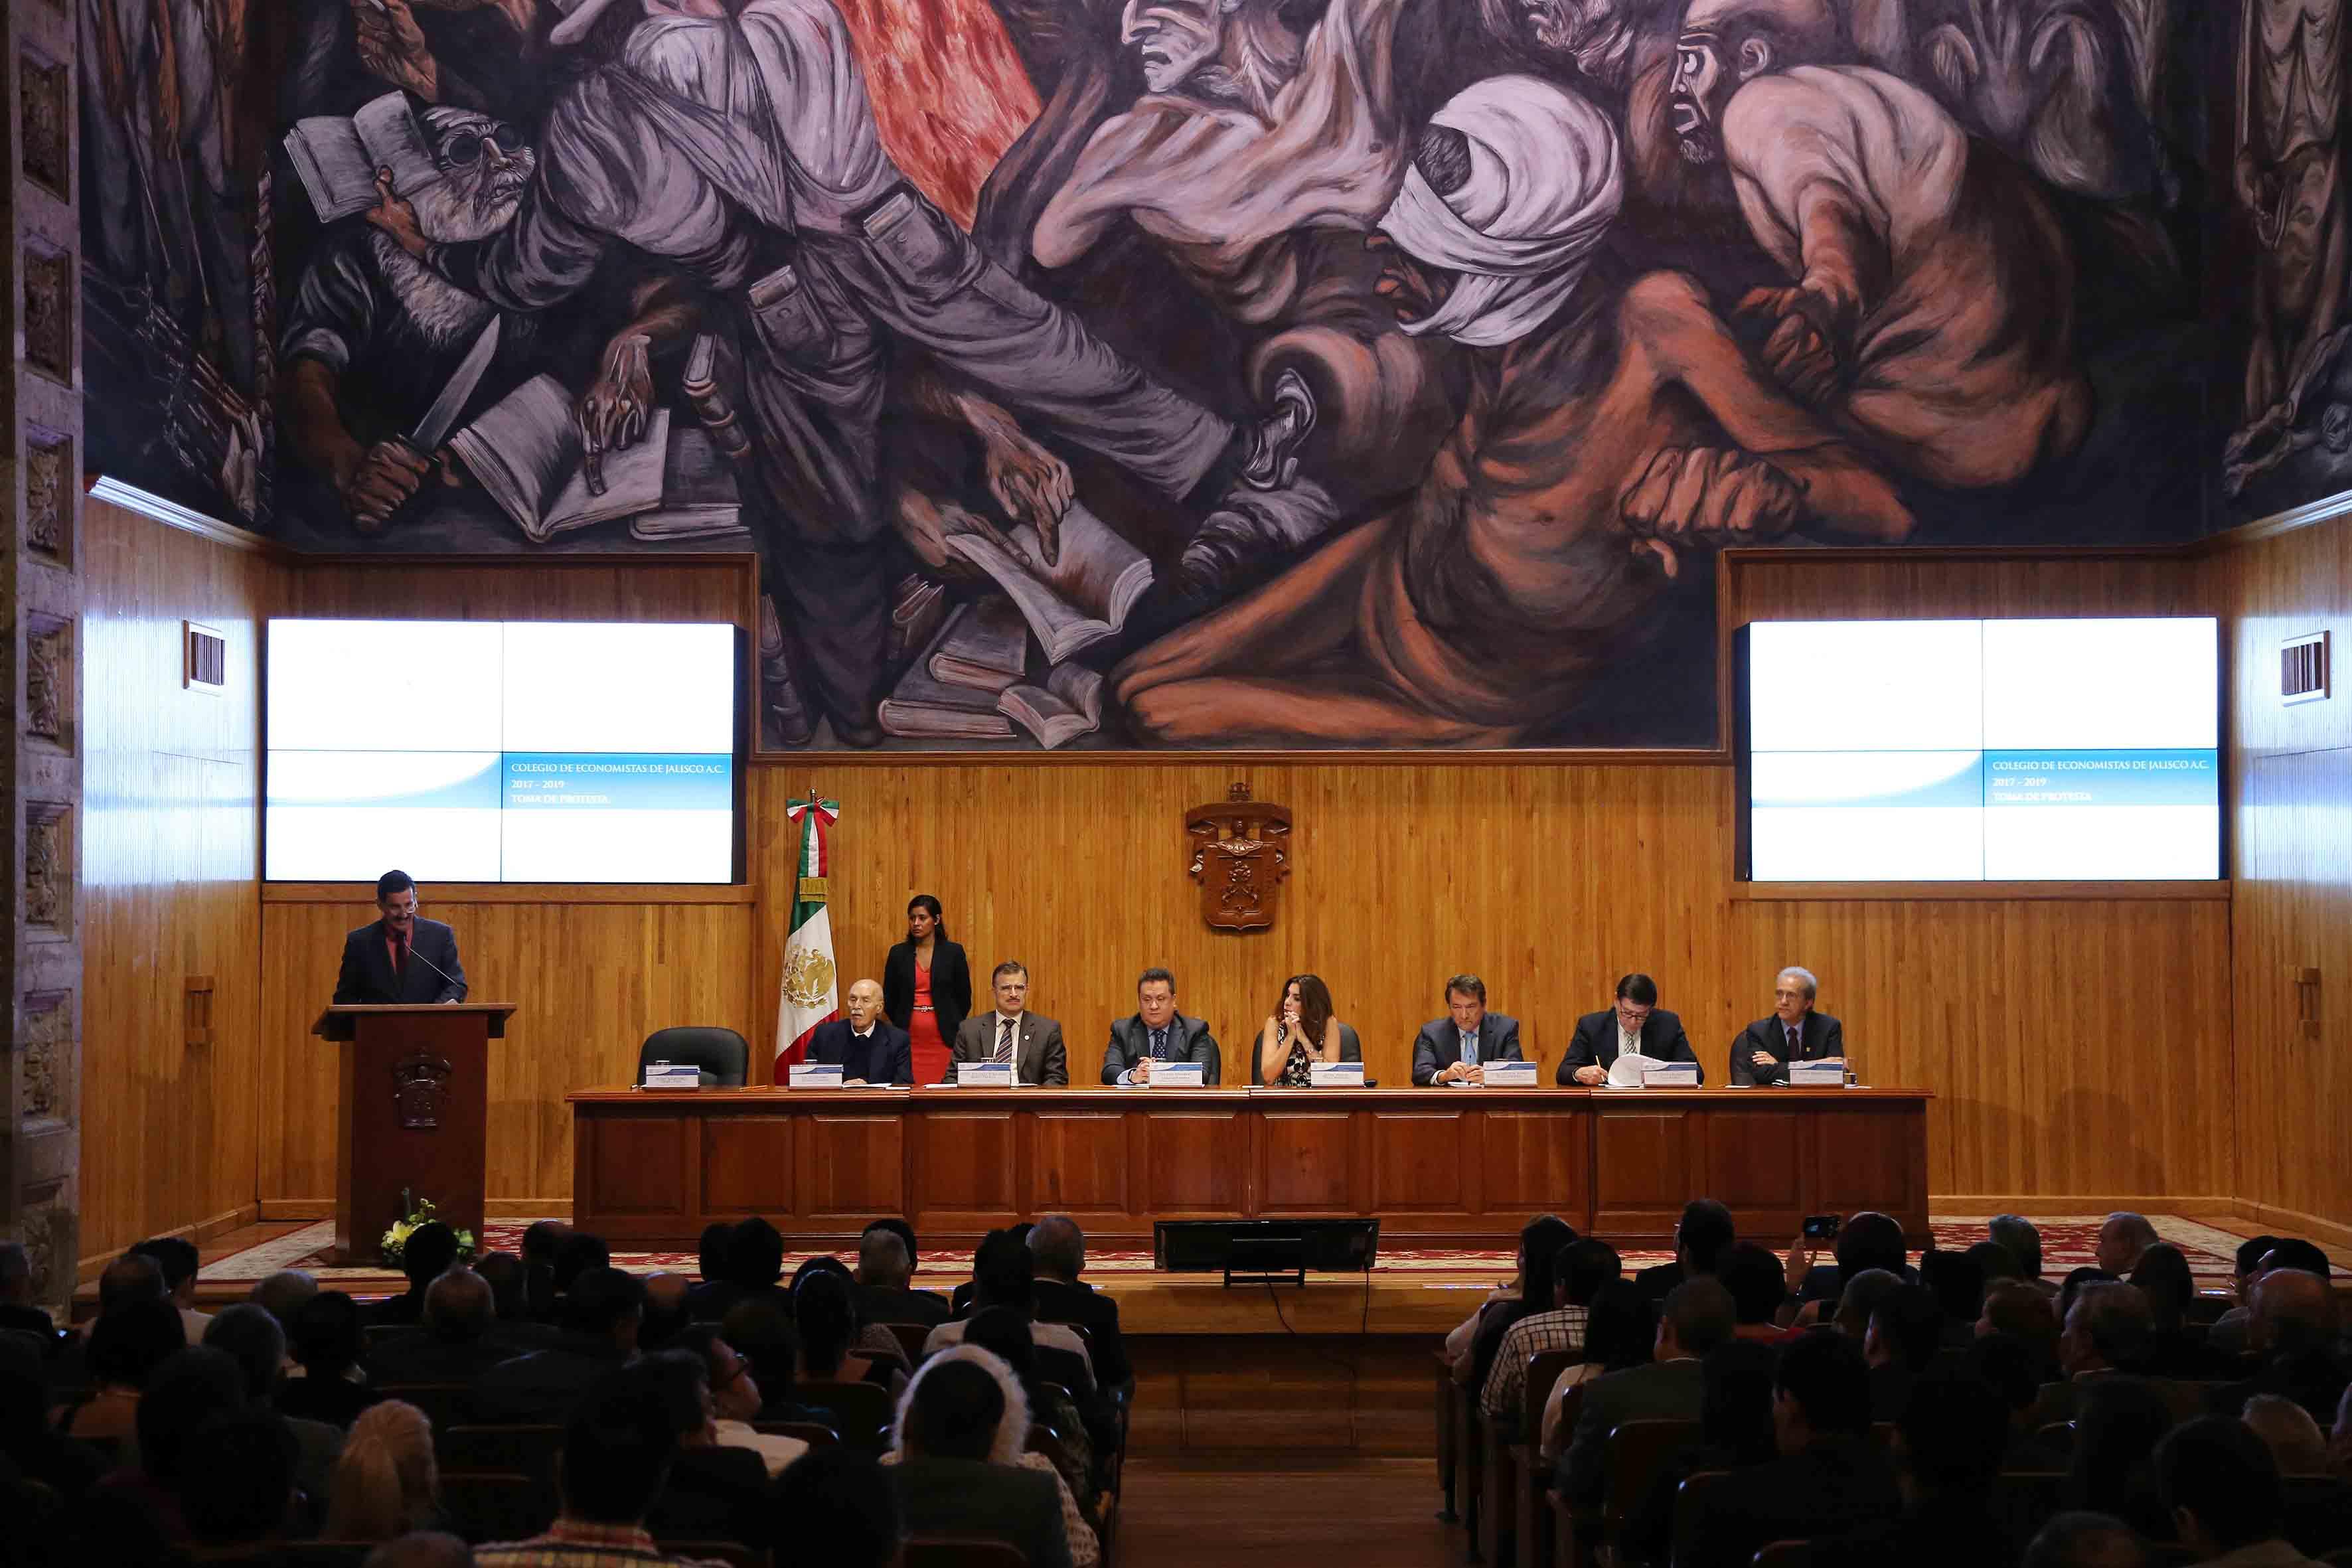 Mtro.  Itzcóatl Tonatiuh Bravo, al acudir como testigo de honor a la toma de protesta de la Mesa Directiva 2017-2019 de ese organismo, en el Paraninfo Enrique Díaz de León.